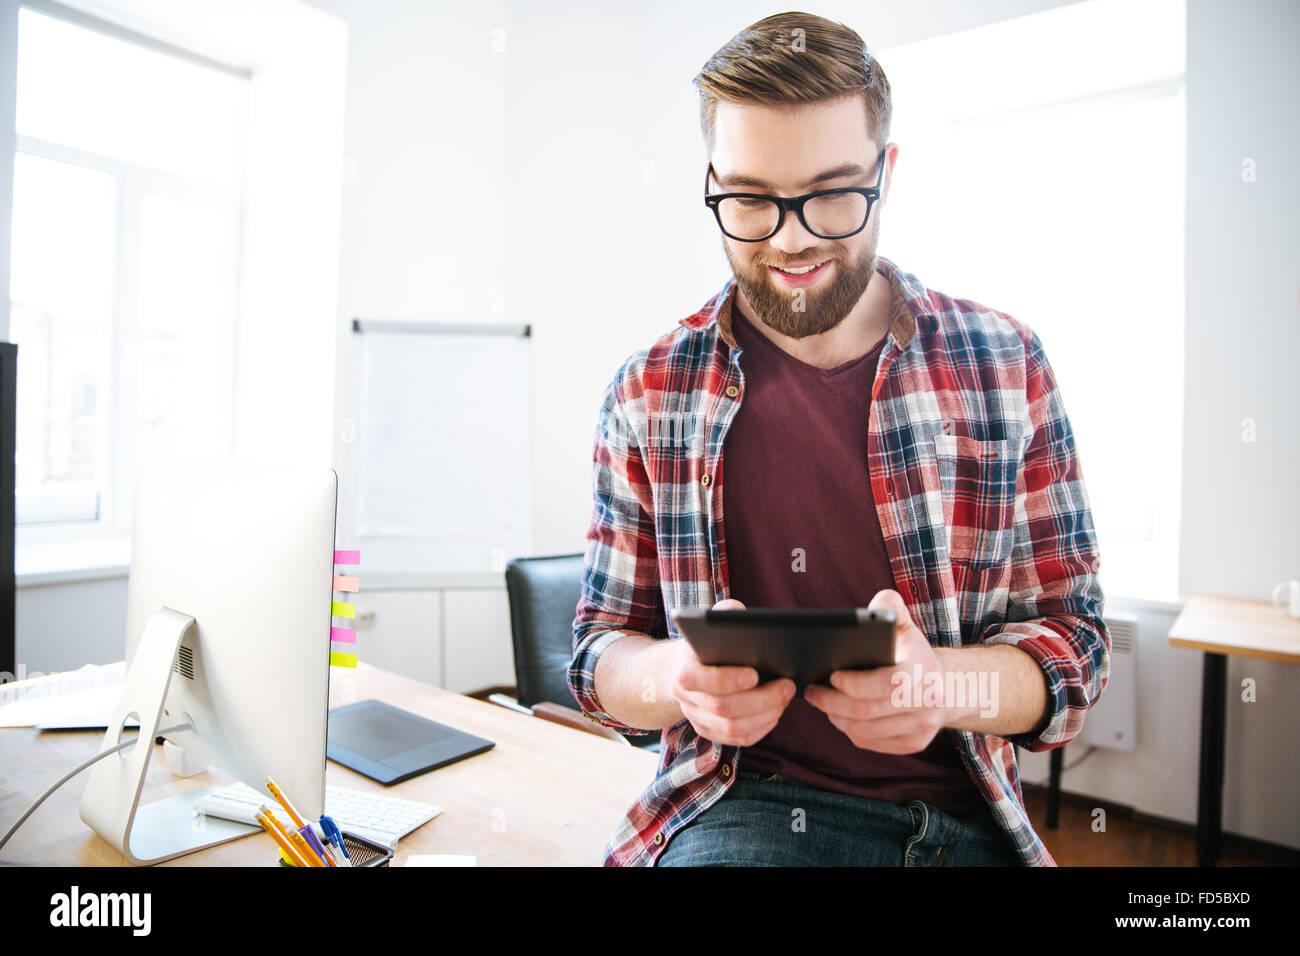 Feliz guapo con barba en el Plaid shirt y gafas sentado en la mesa de oficina y uso de tablet Imagen De Stock